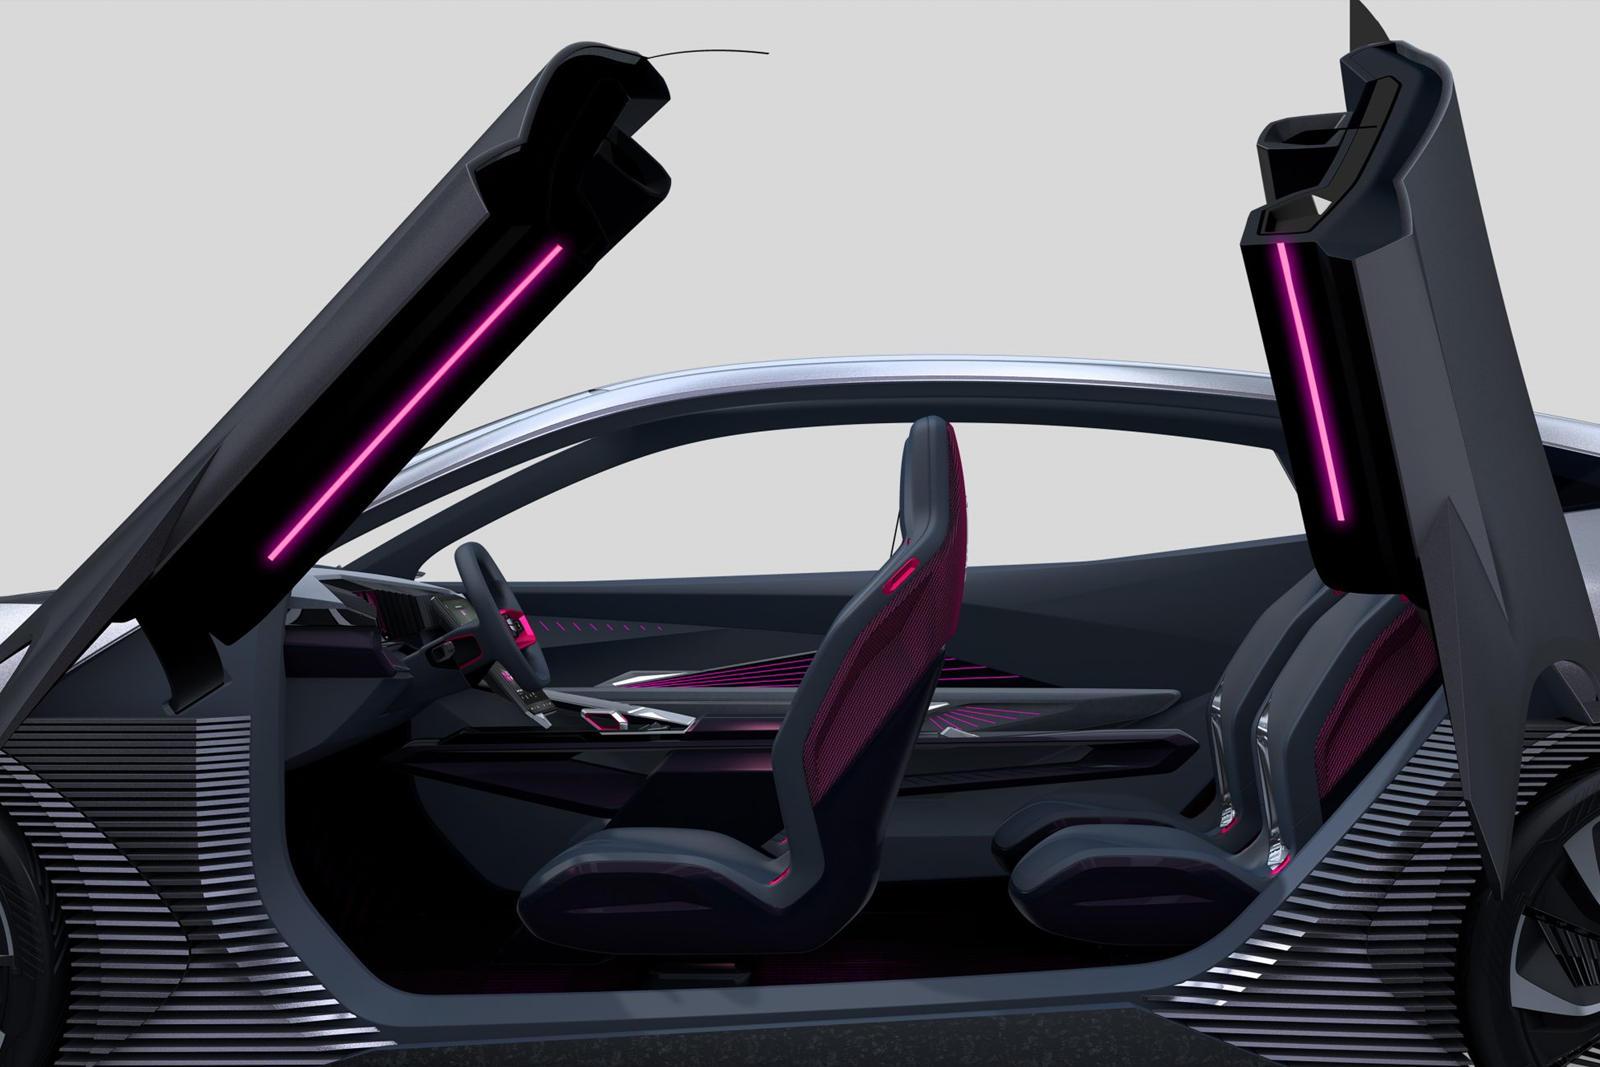 Китайский автопроизводитель Geely известен многими вещами, в том числе владением Volvo, а в последнее время запуском бренда электромобилей премиум-класса Zeekr. Geely меньше ассоциируется с красивым и новаторским дизайном автомобилей, хотя последняя